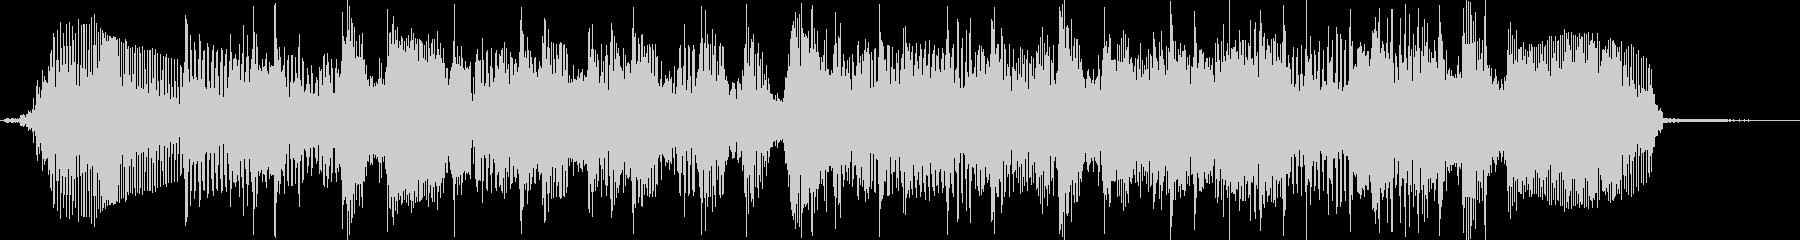 ベースサウンドジングル曲の未再生の波形